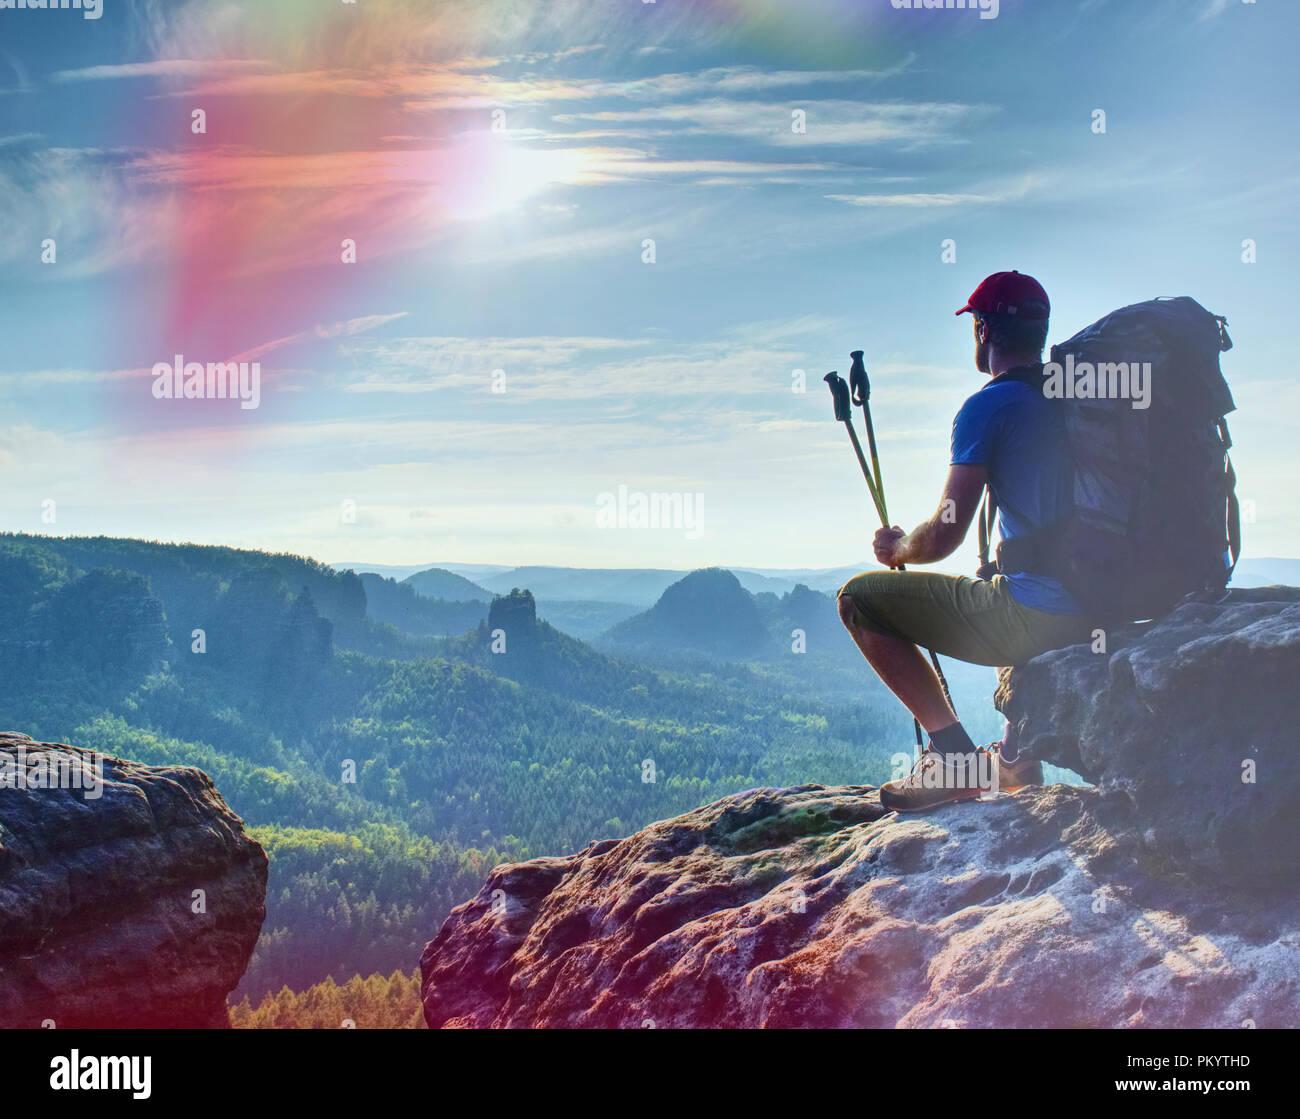 Mann sitzt auf der Felswand in Berg- und Beobachten auf Sunrise Landschaft. Natur Zusammensetzung. Stockbild